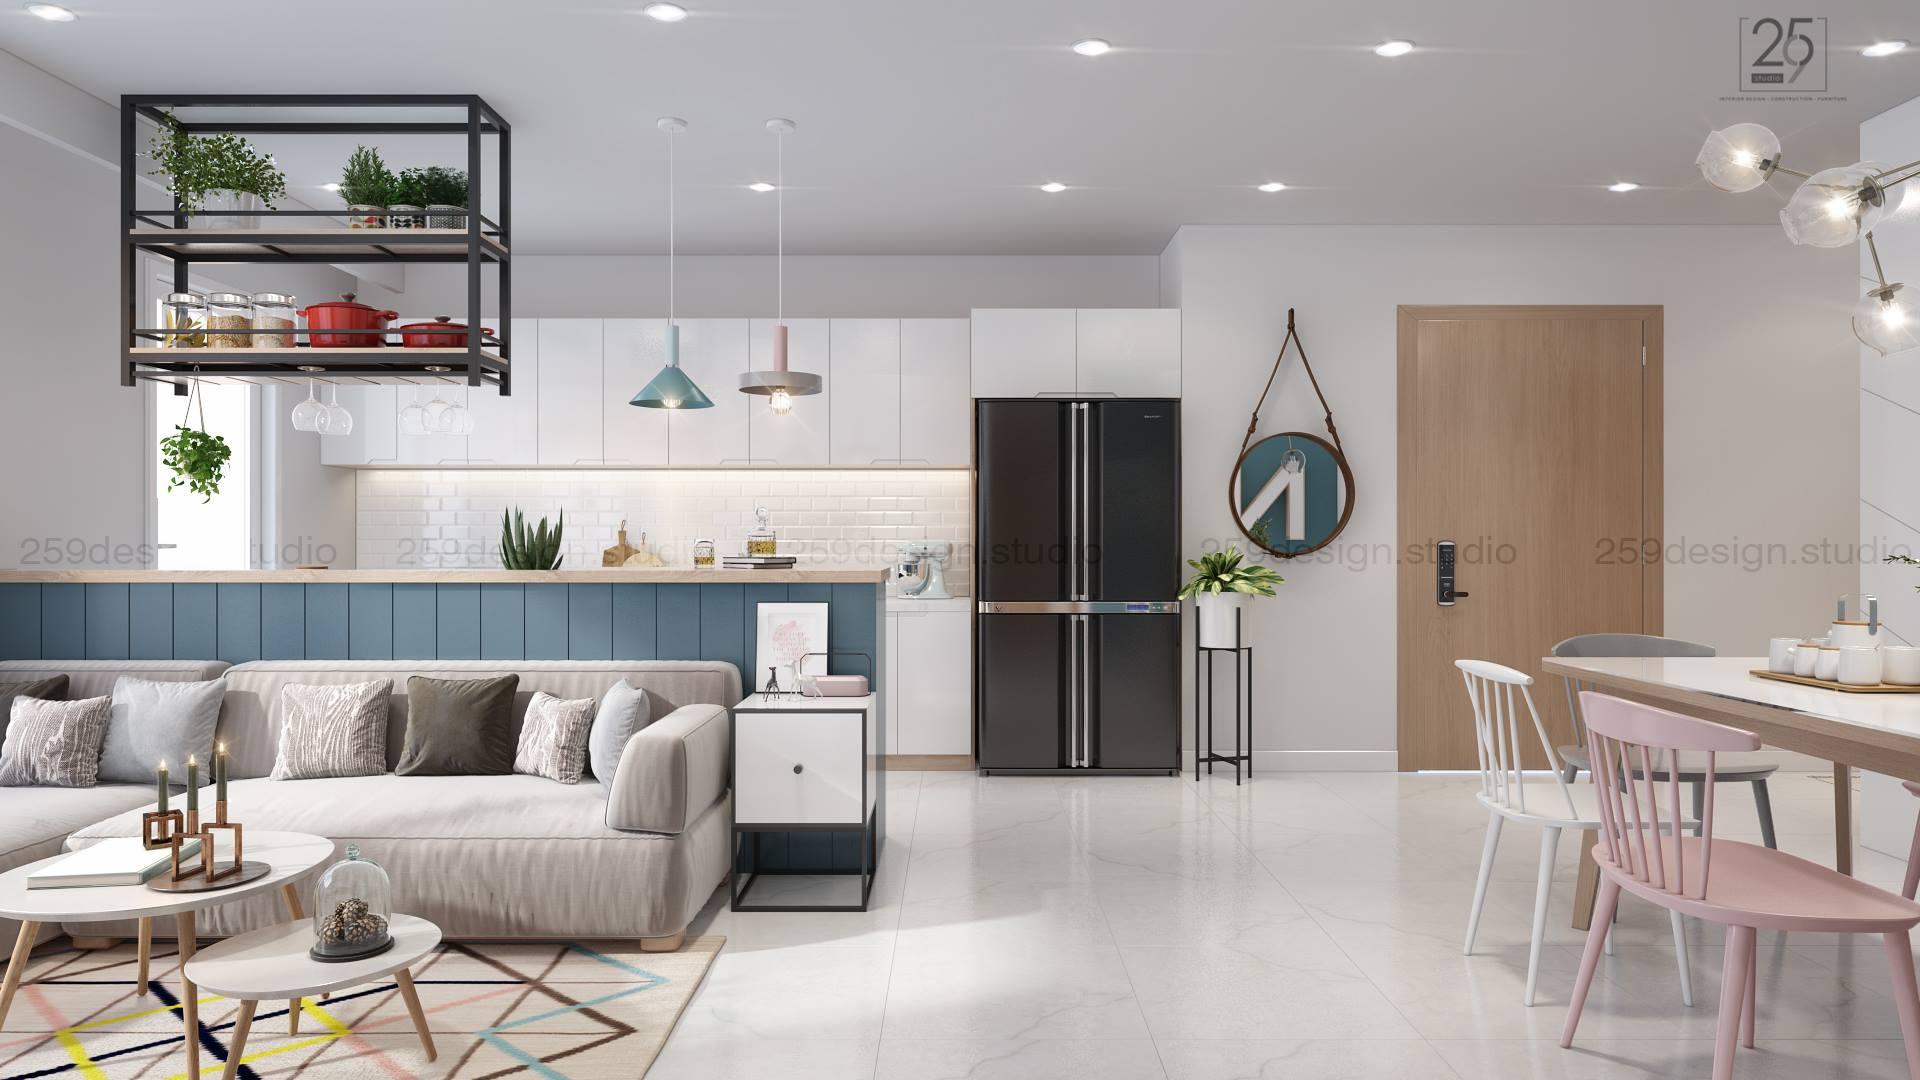 Mẫu thiết kế nội thất căn hộ đẹp với điểm nhấn màu pastel - Nhà Đẹp Số (8)